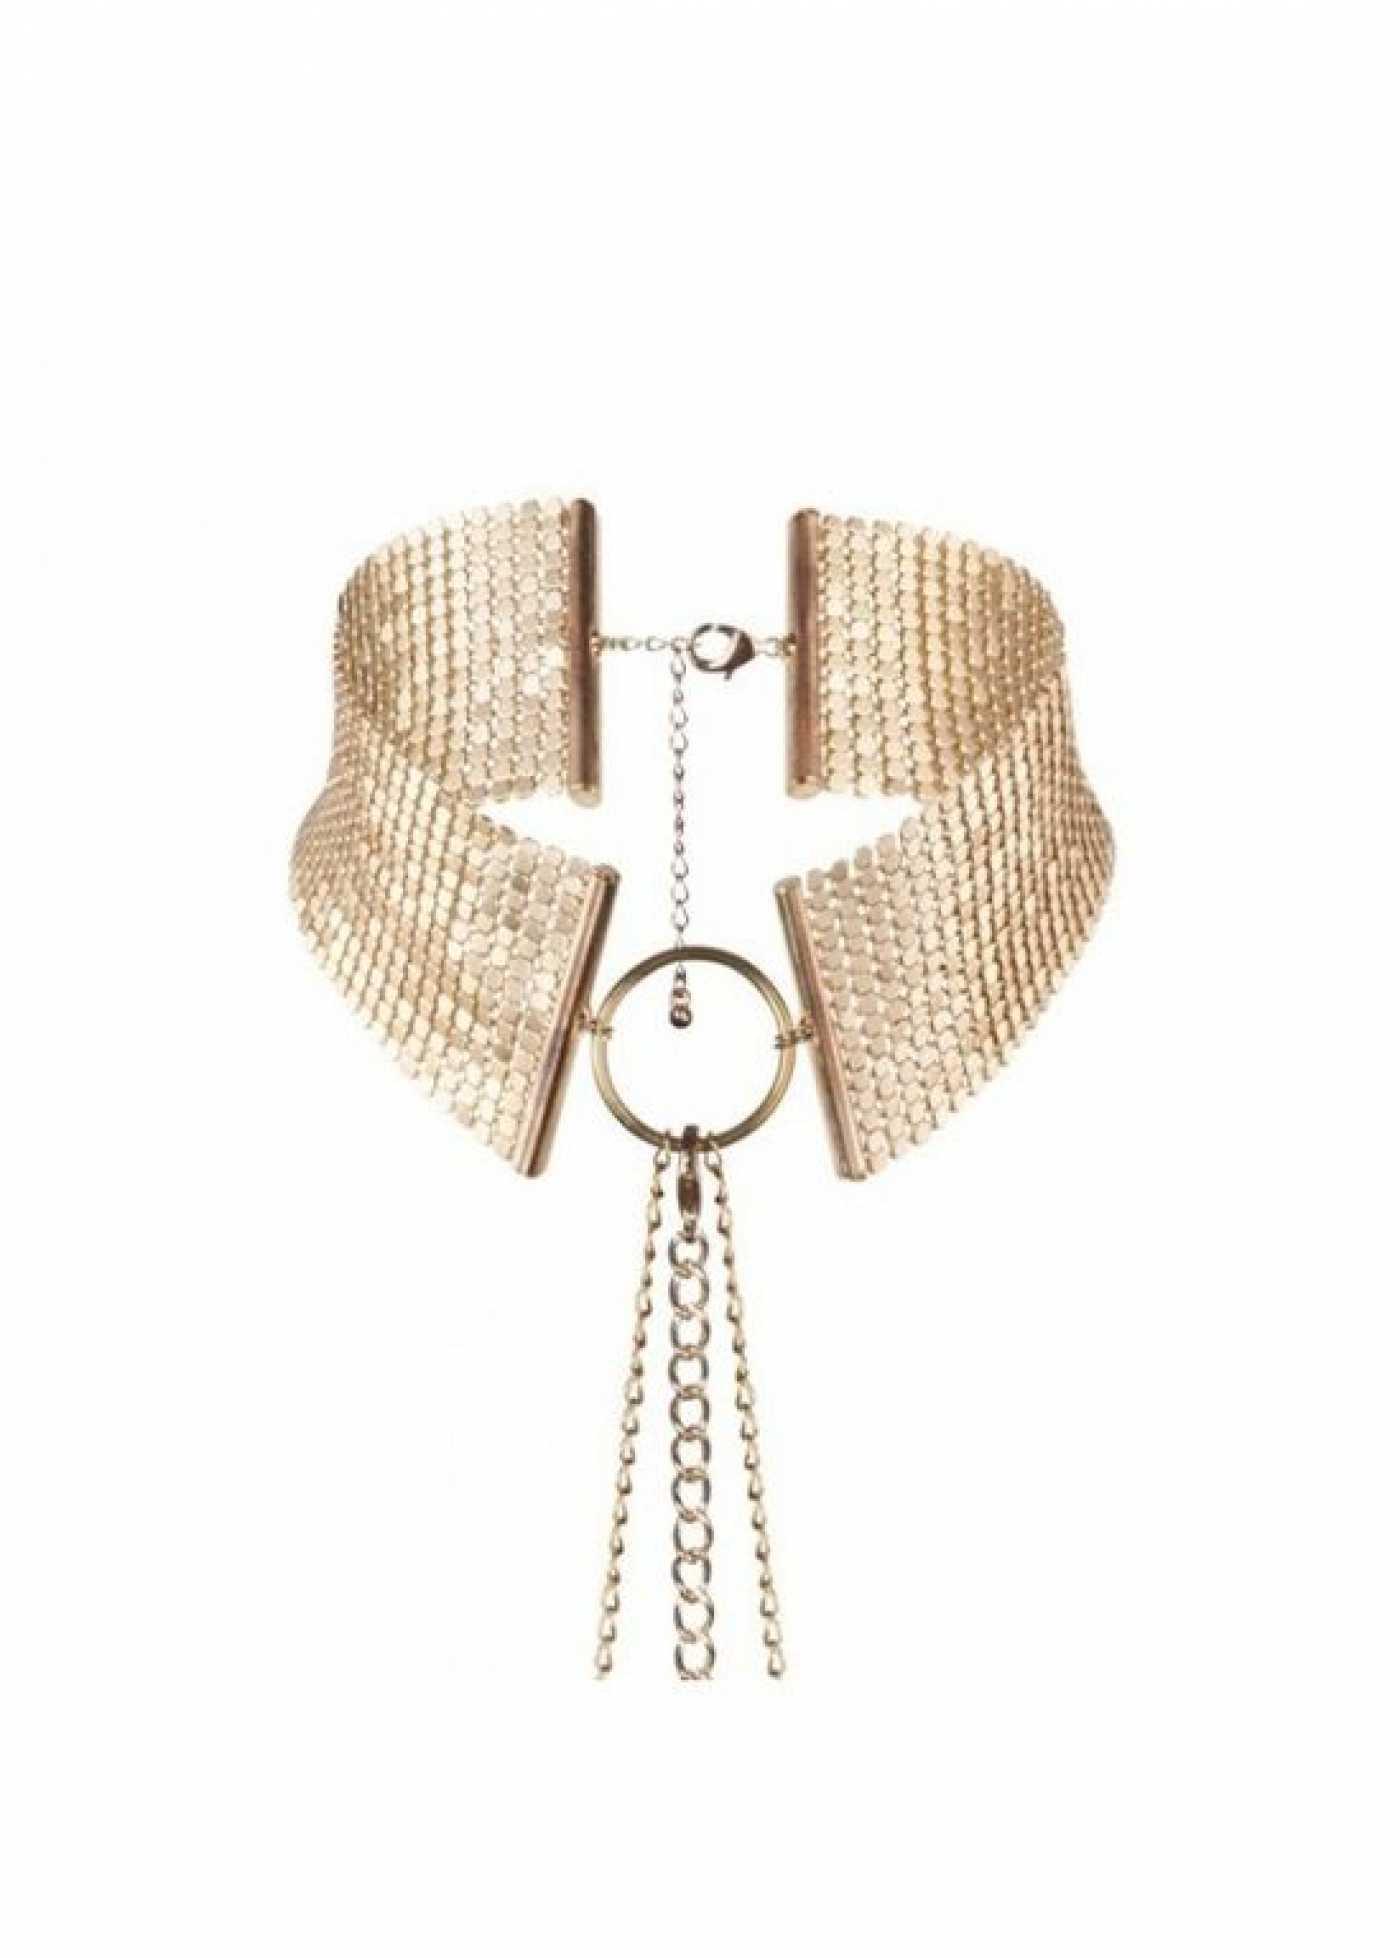 Bijoux Ошейник из металлической сетки золотой